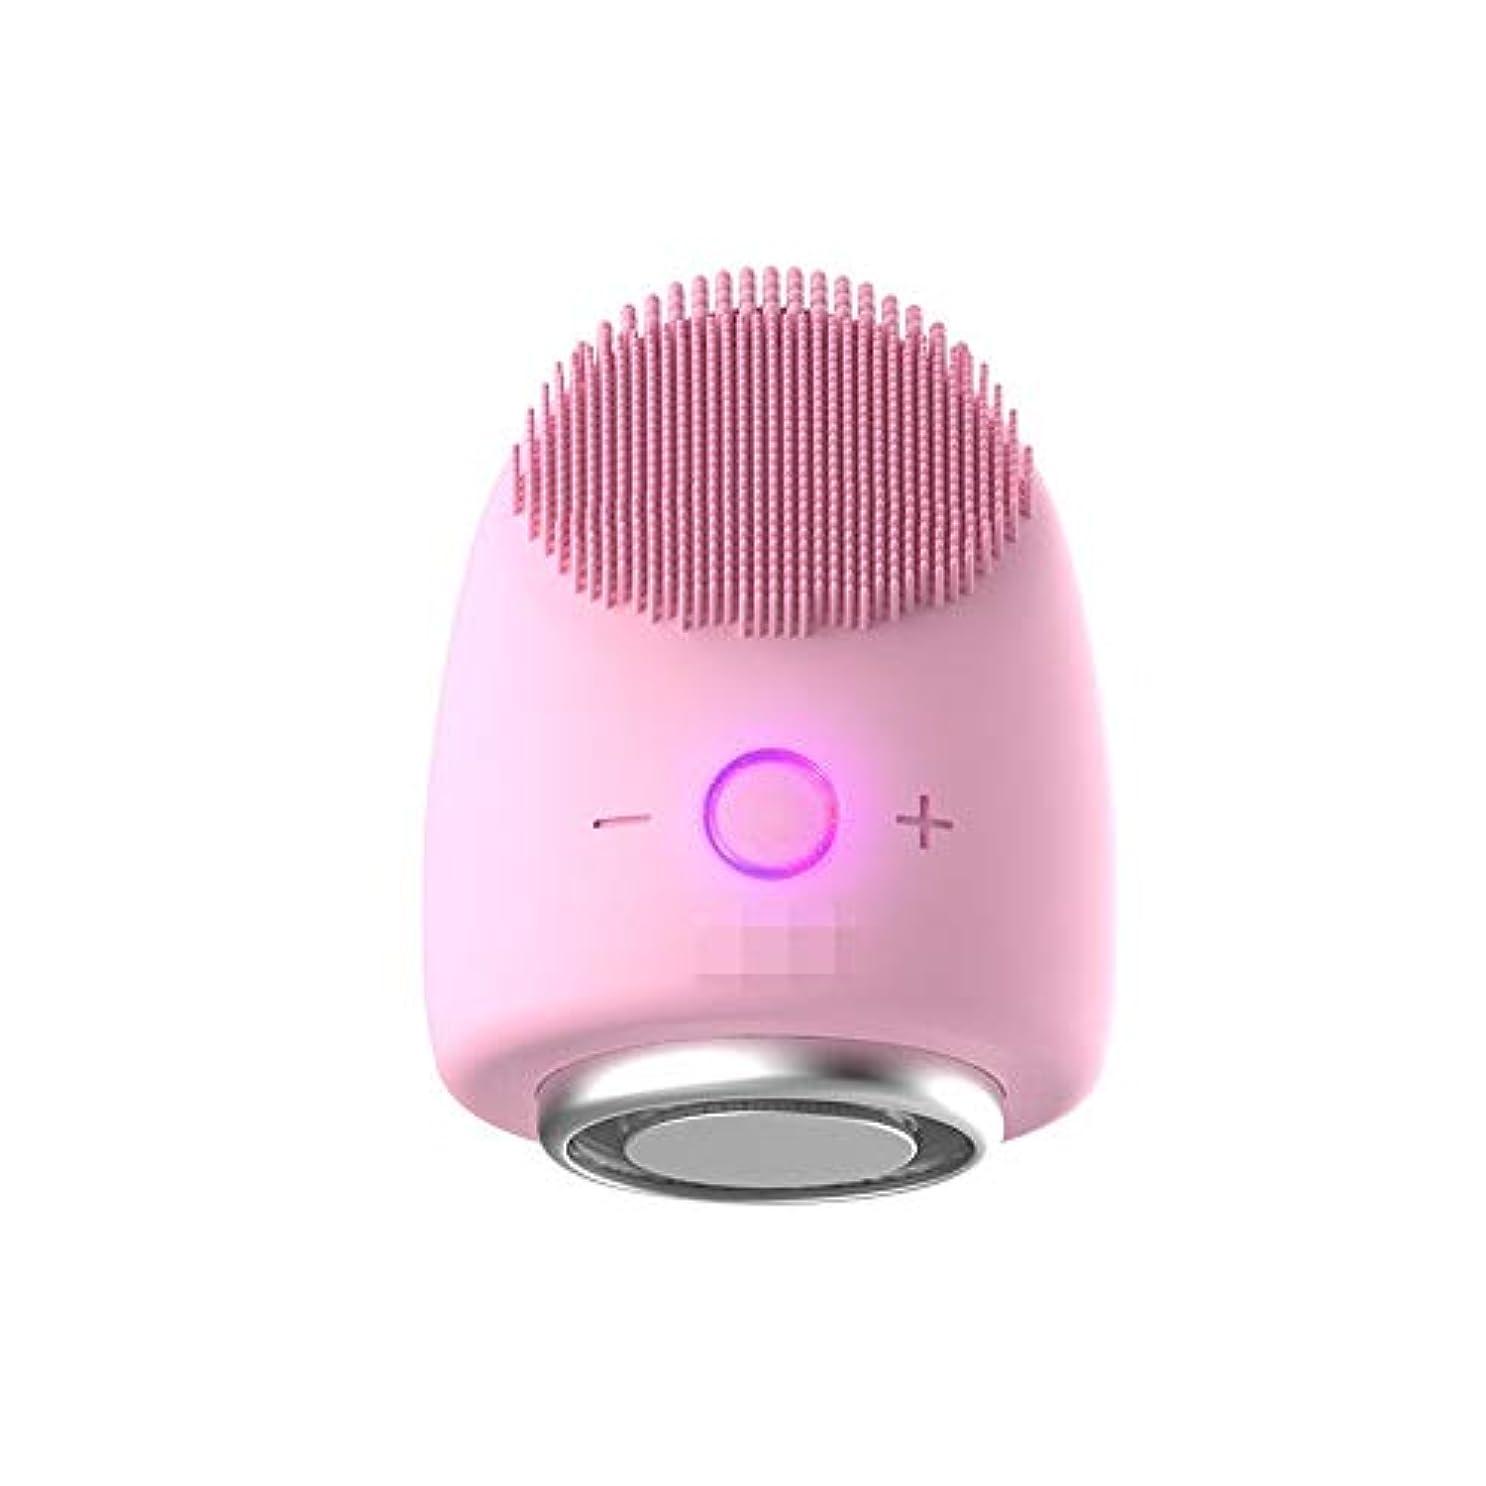 ピーク前部談話Chaopeng 多機能美容器具洗浄器具導入器具凝縮ホットドレッシング肌活性化器具 (Color : ピンク)